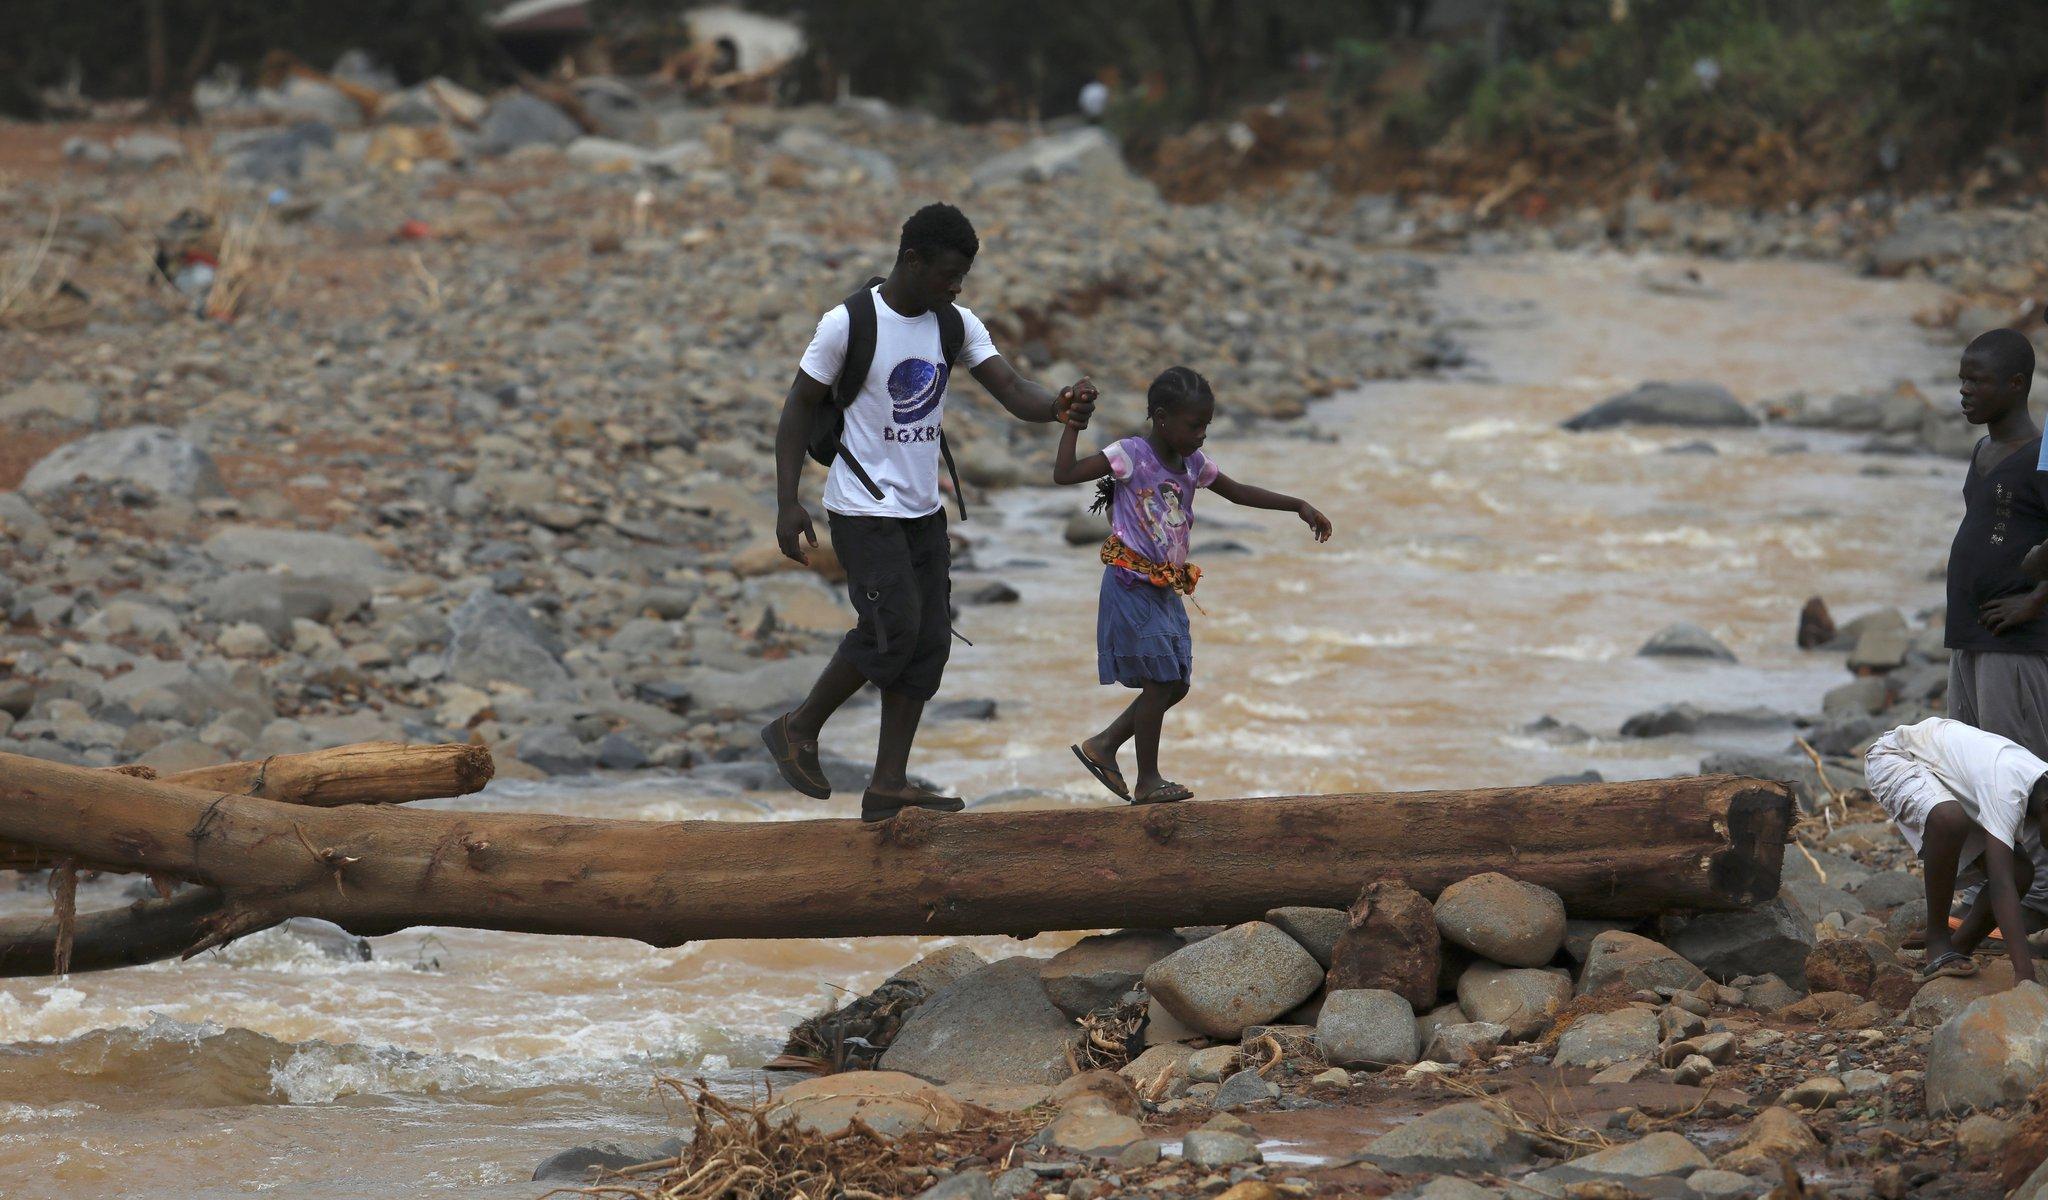 Do Sierra Leonean lives matter?